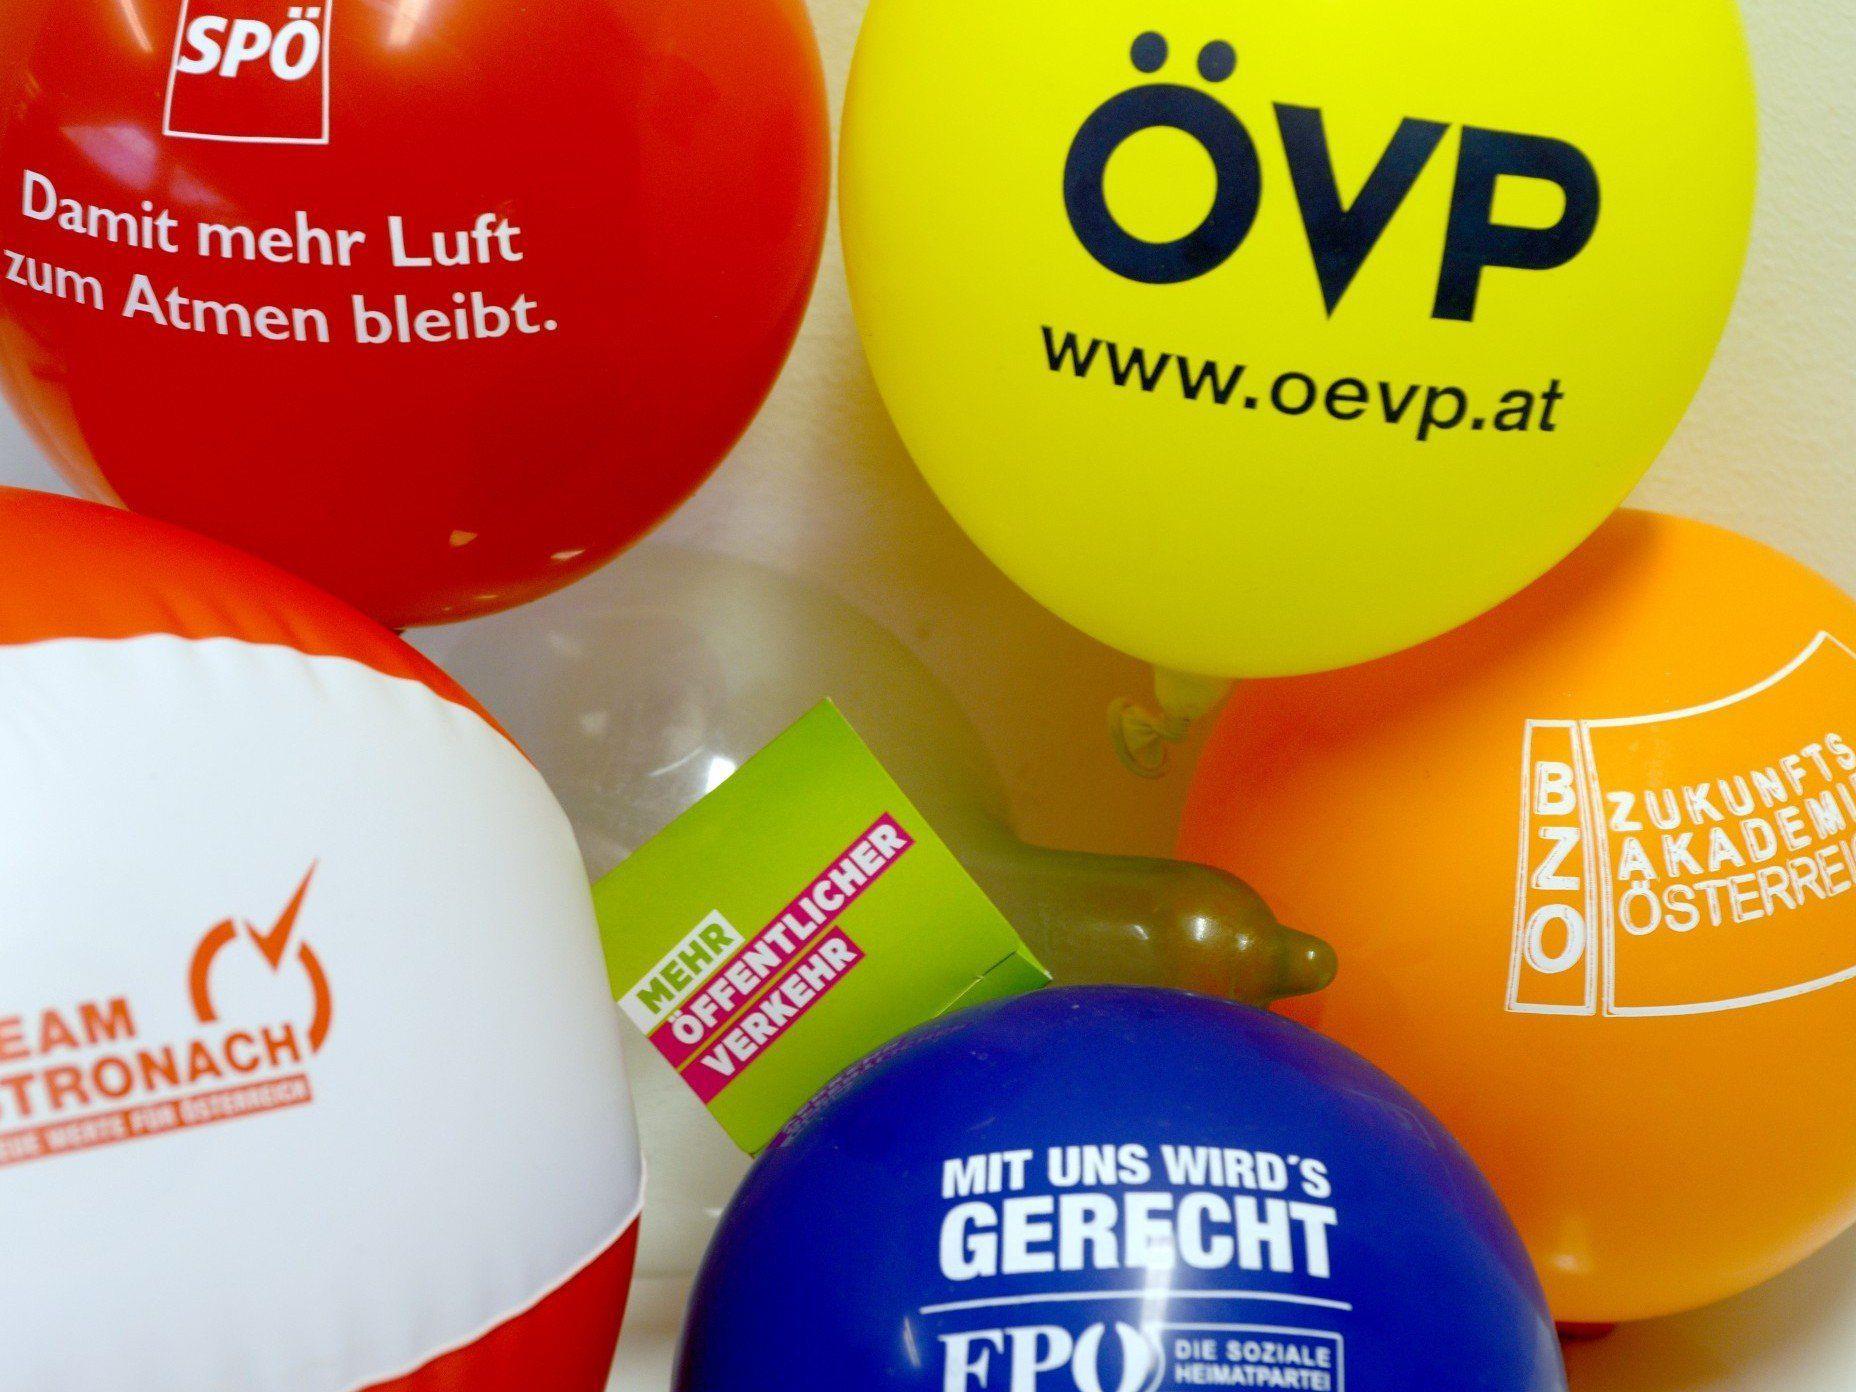 Umfrage: Für welche Koalition würden sich VIENNA.AT-User entscheiden?